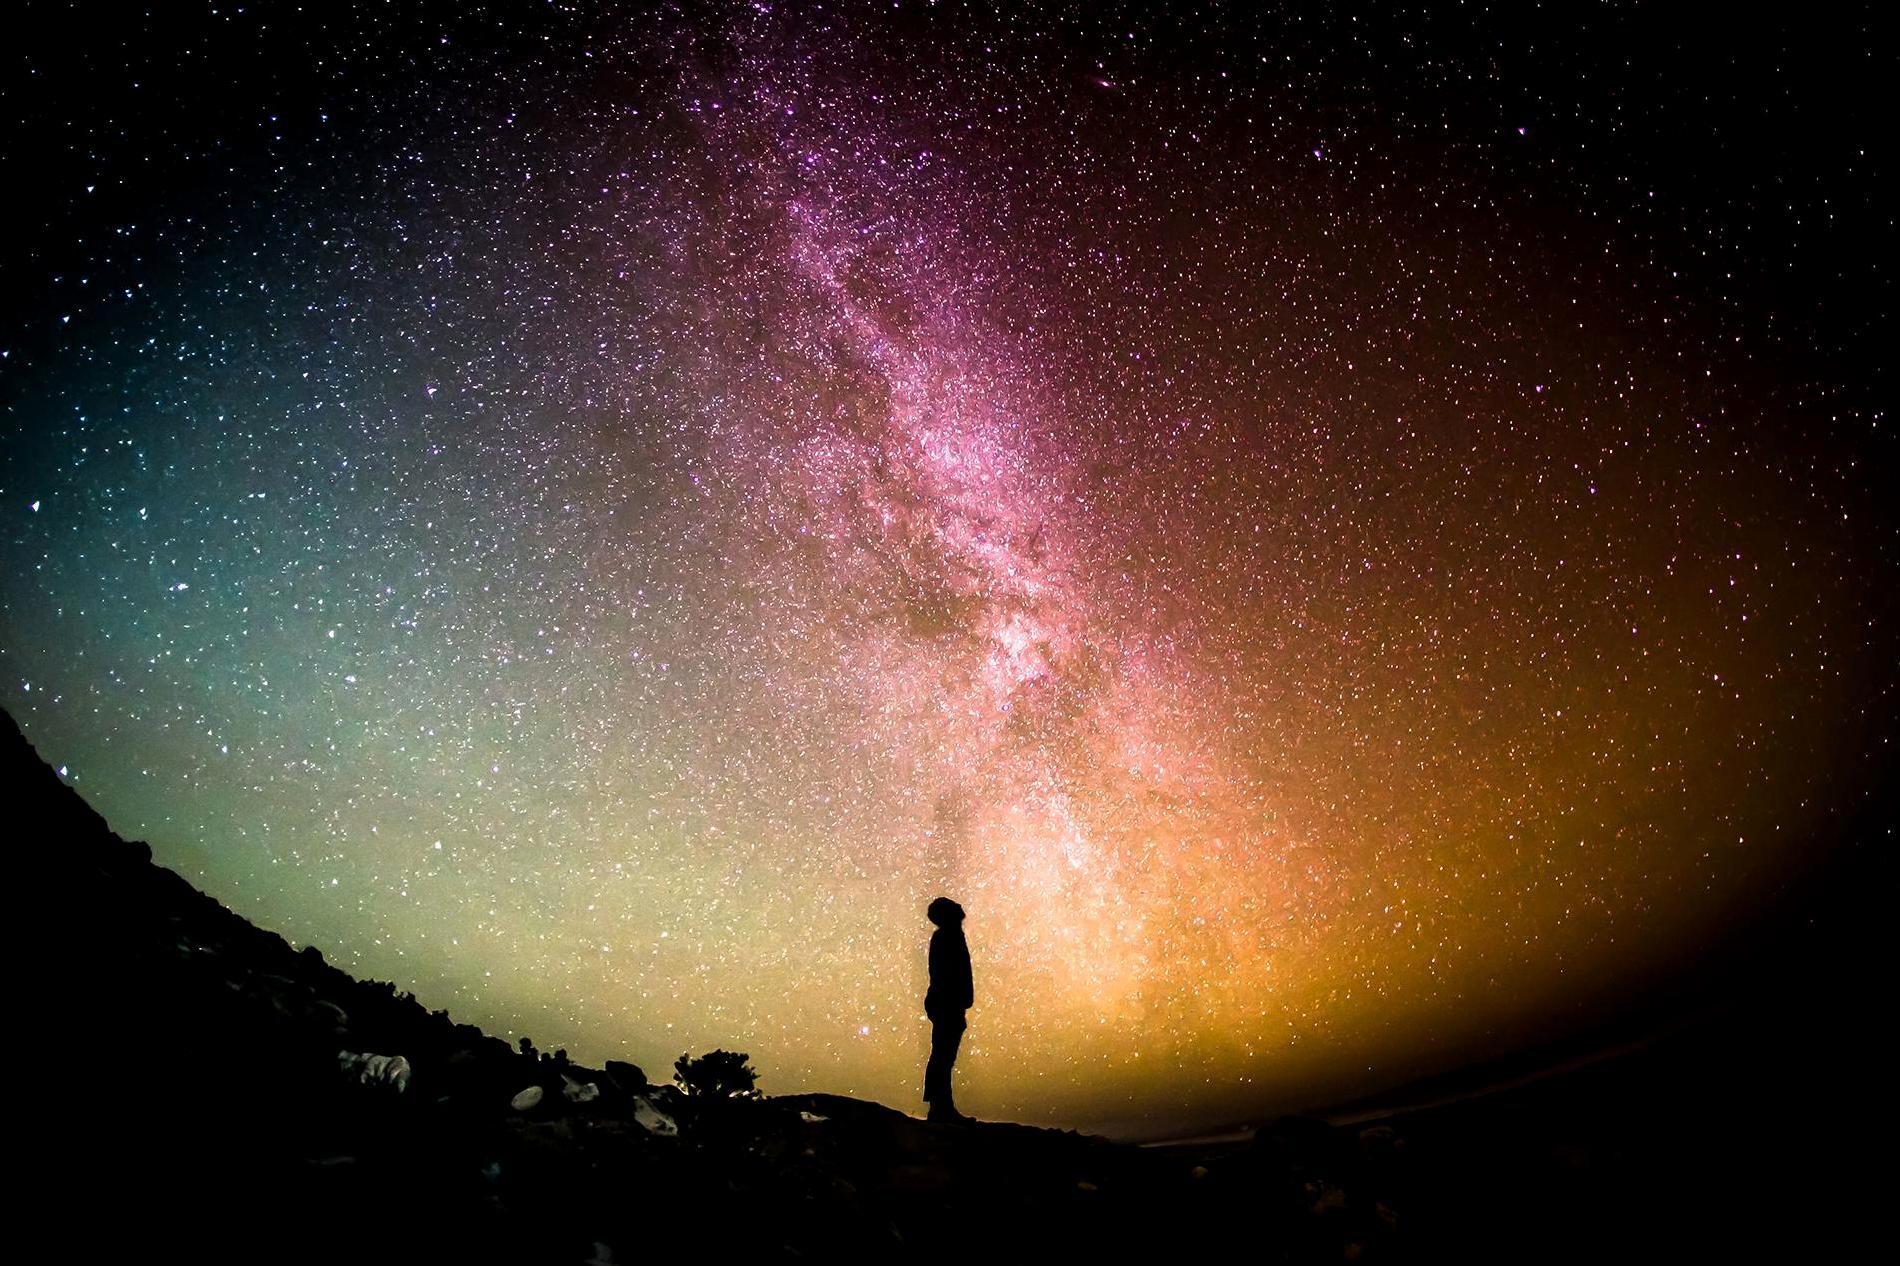 Astro-Randonnée: Balade sous la voûte céleste entre ciel étoilé et constellations Vallouise